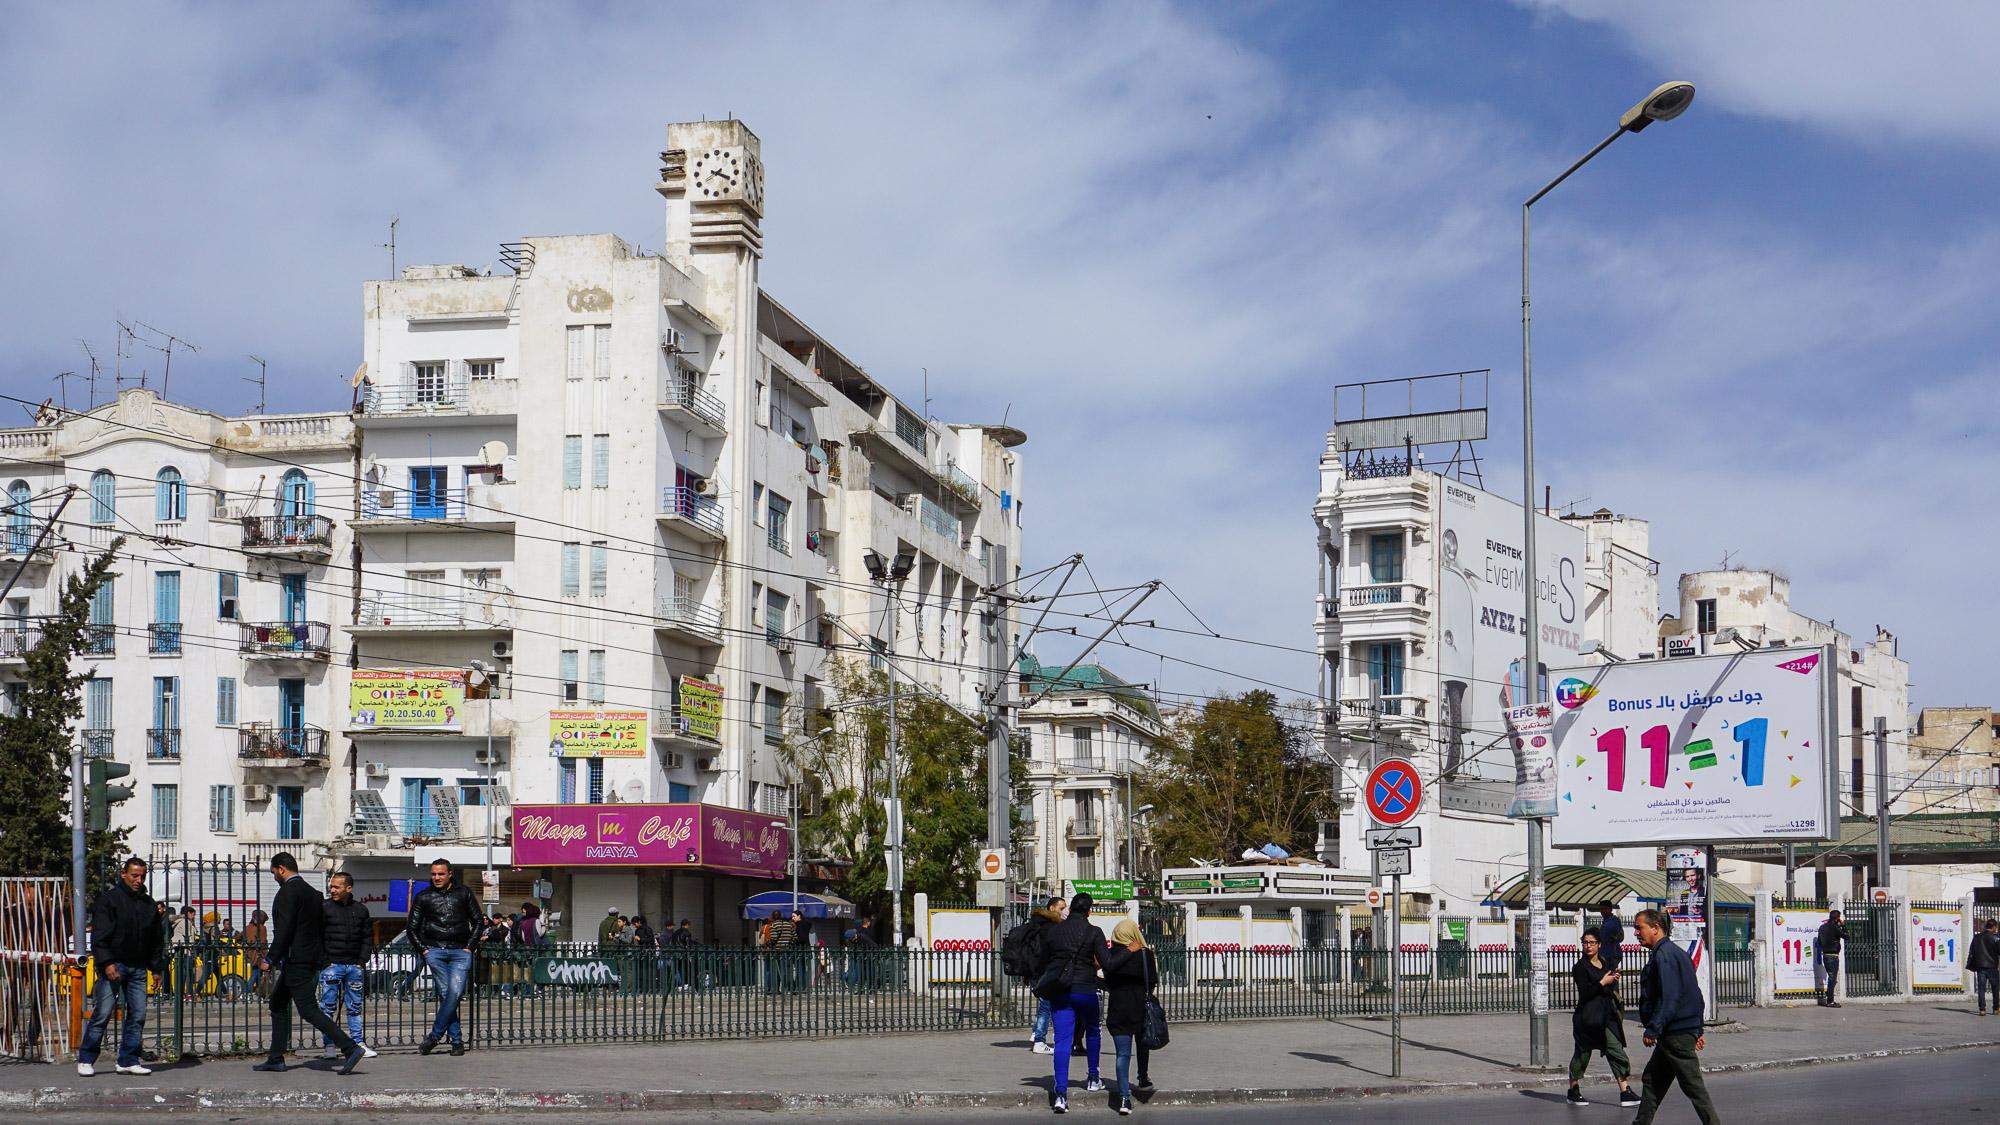 Wohngebäude mit kleinem aufgesetztem Uhrturm, im Vordergrund Menschen und Tramgleise